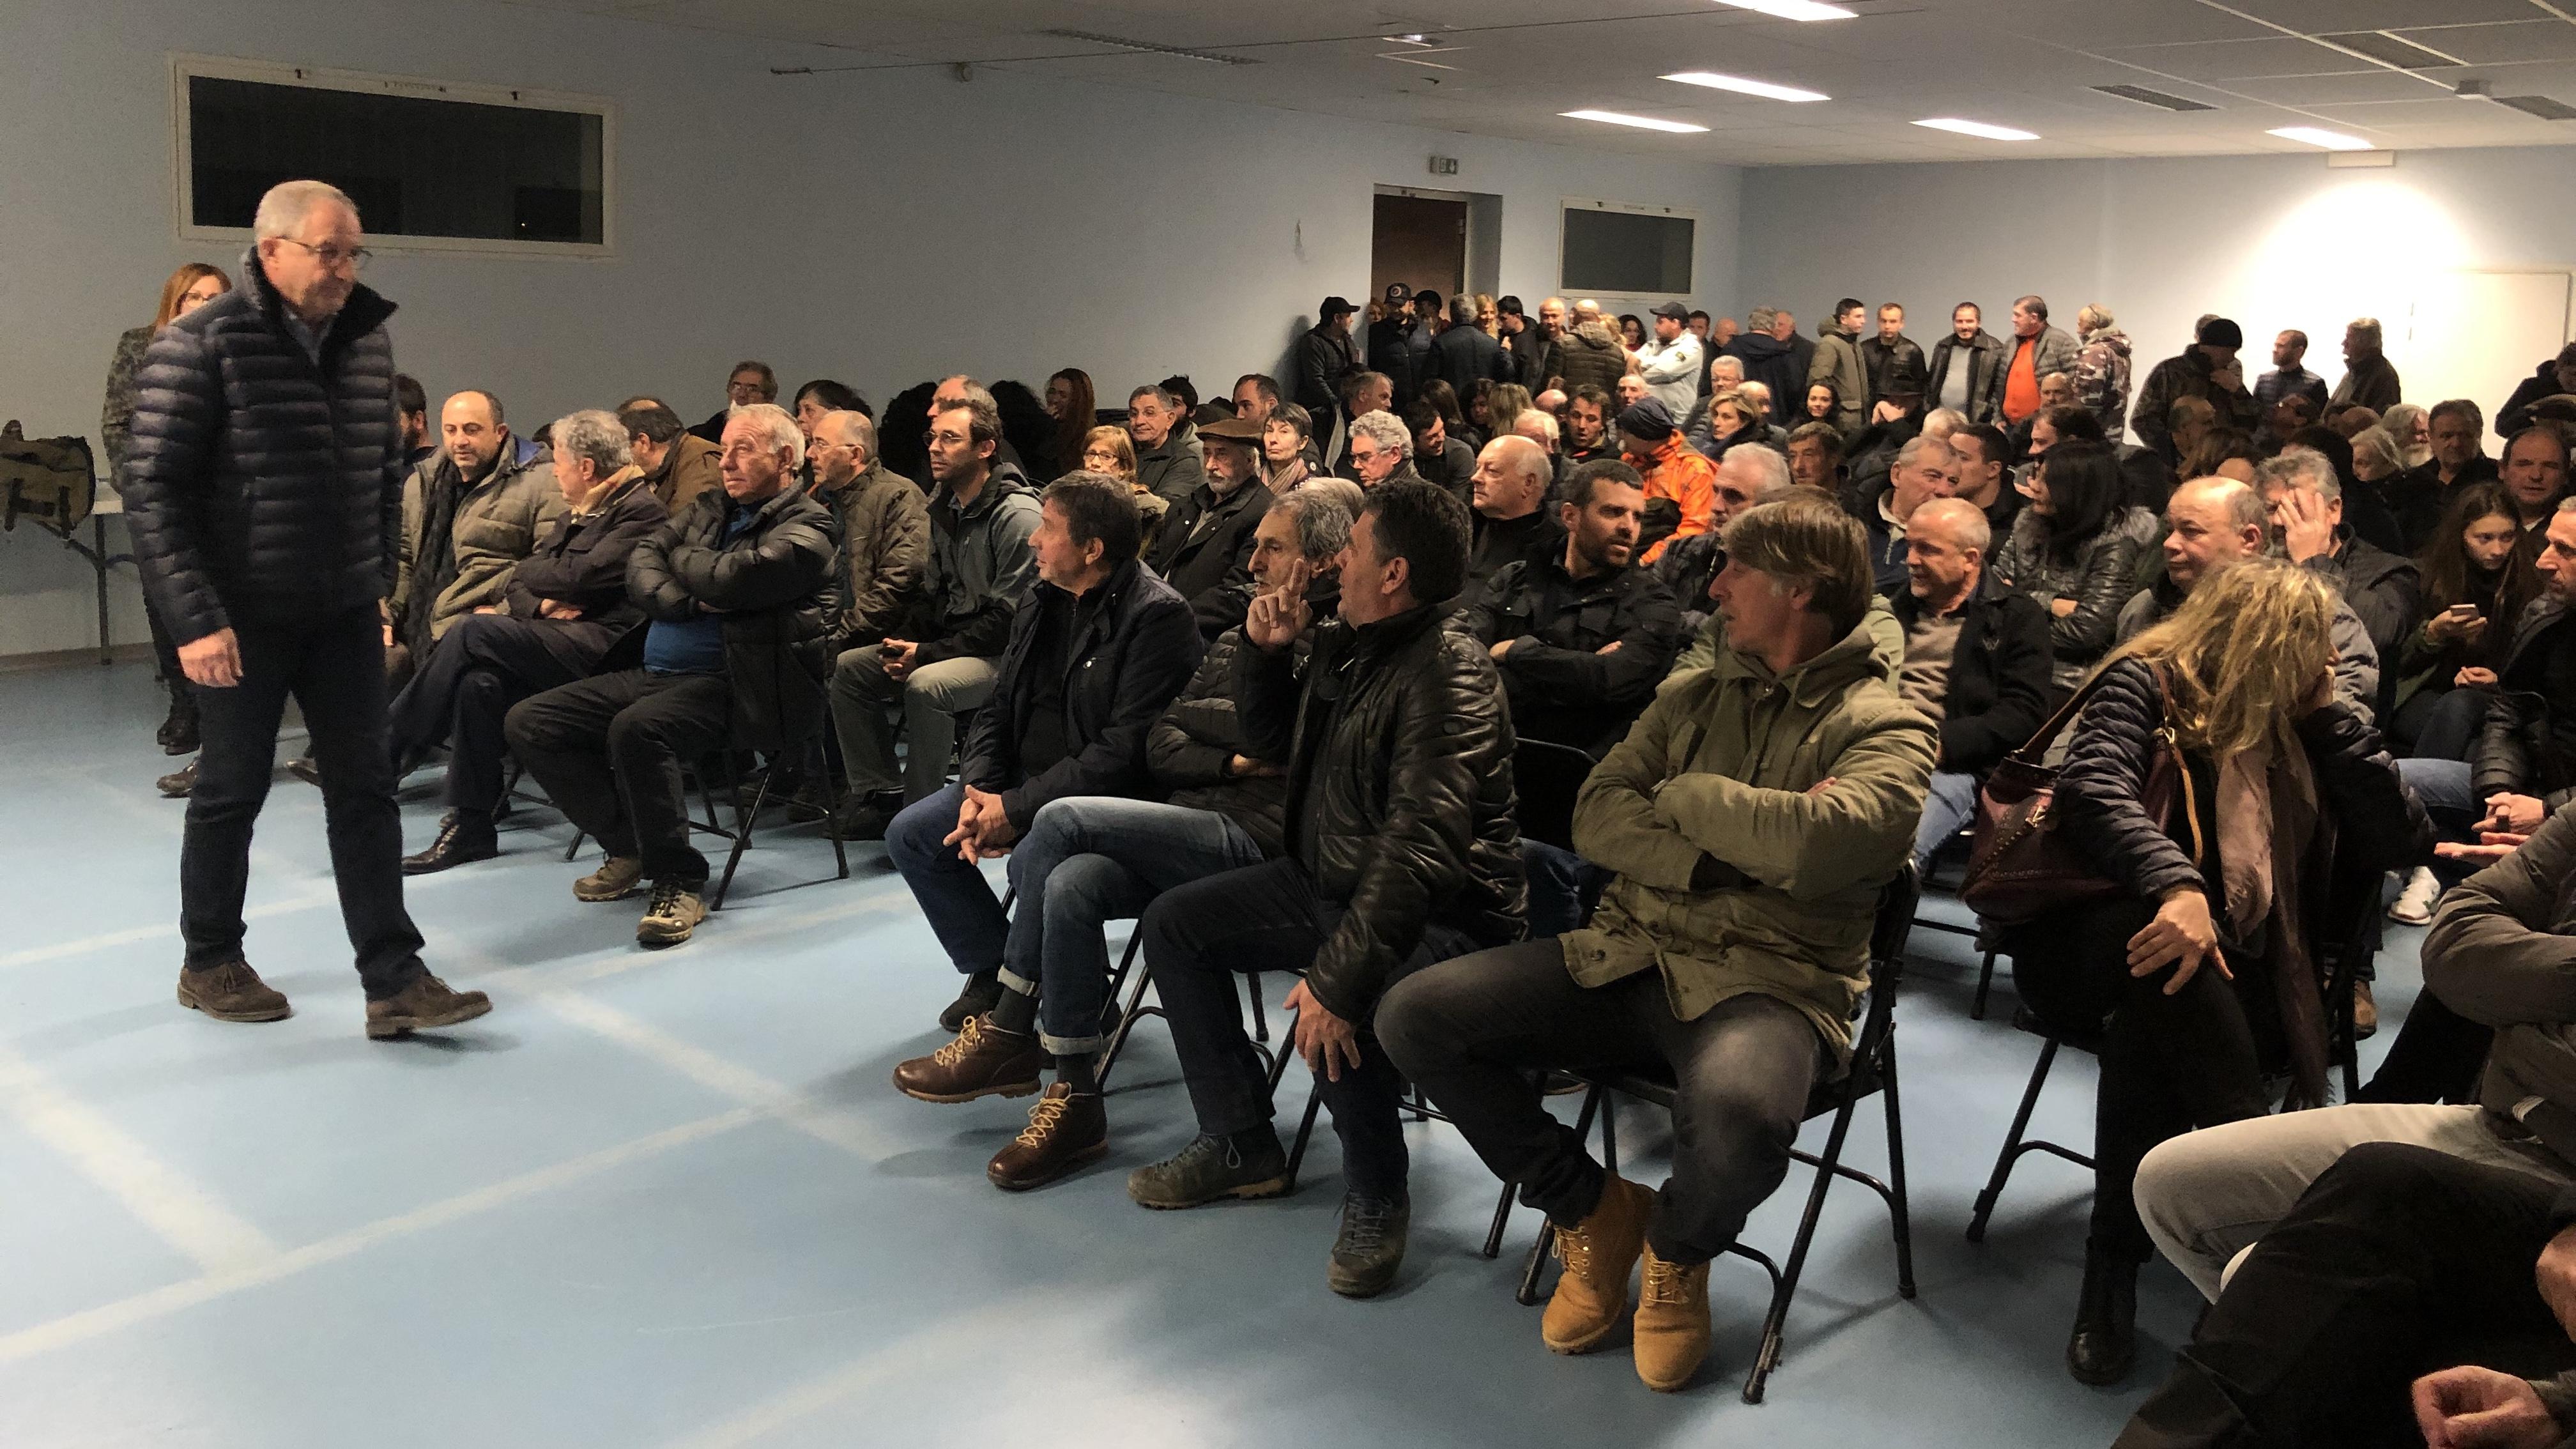 300 personnes à la présentation de la liste de la FDSEA 2B à U Viscuvatu